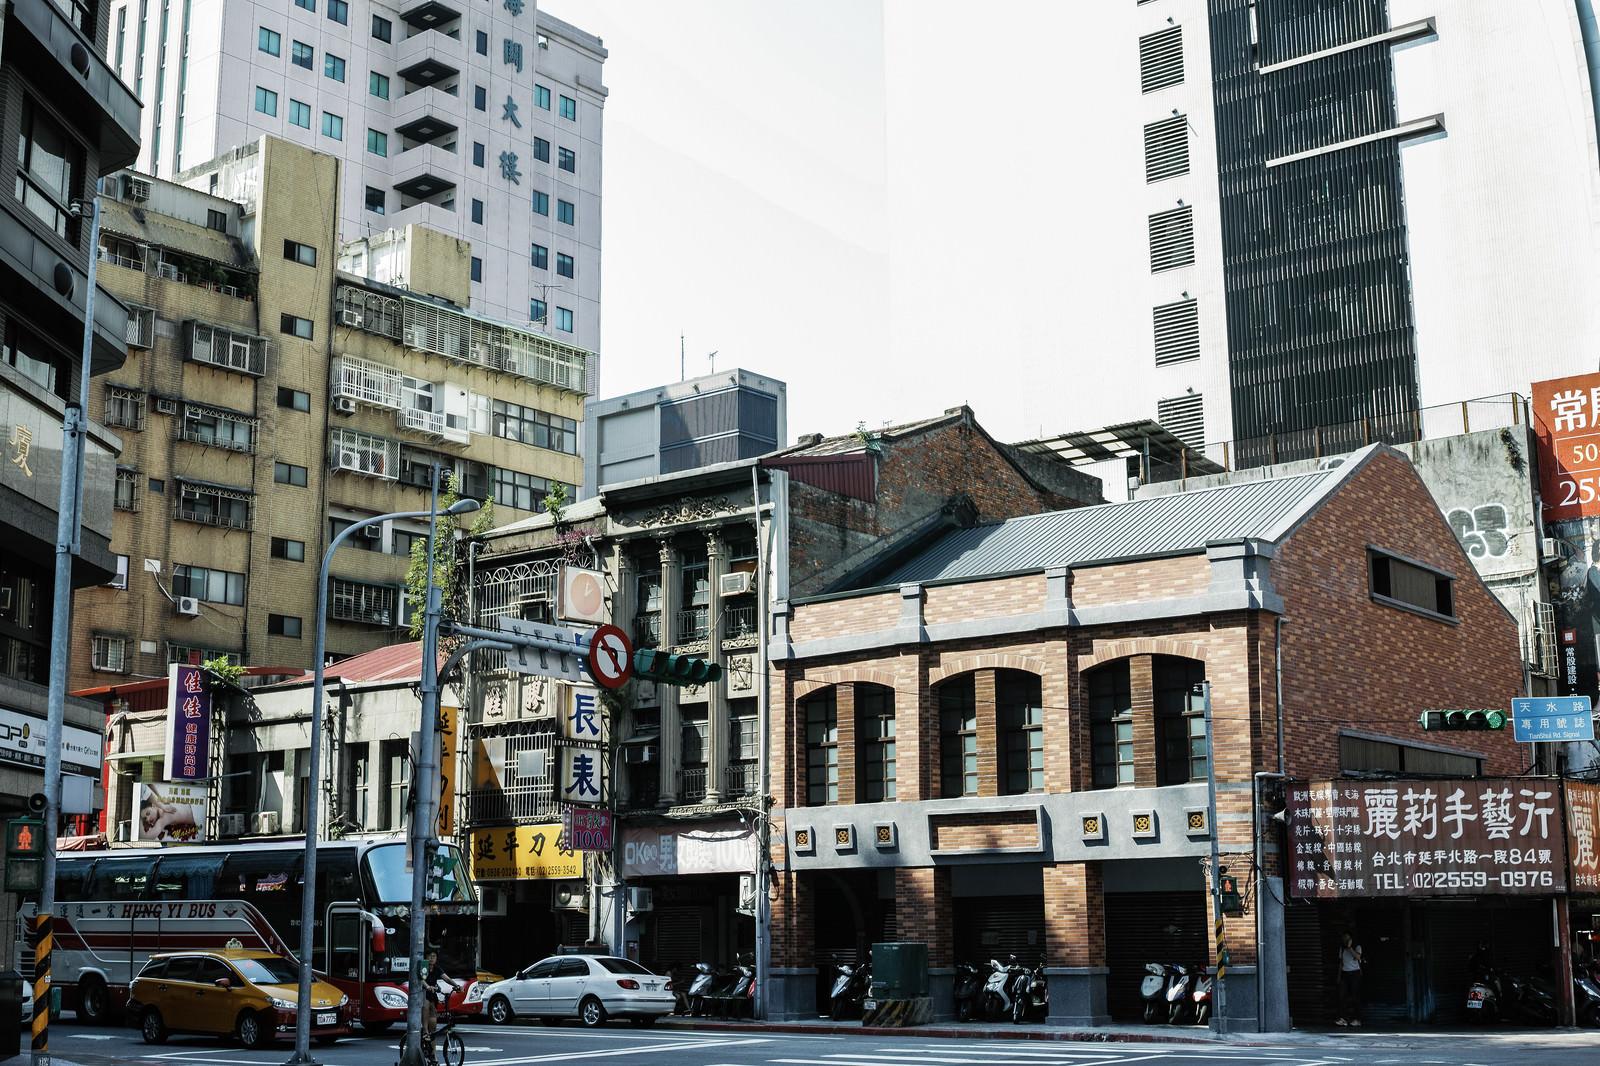 「タイペイの市街地(台湾)」の写真